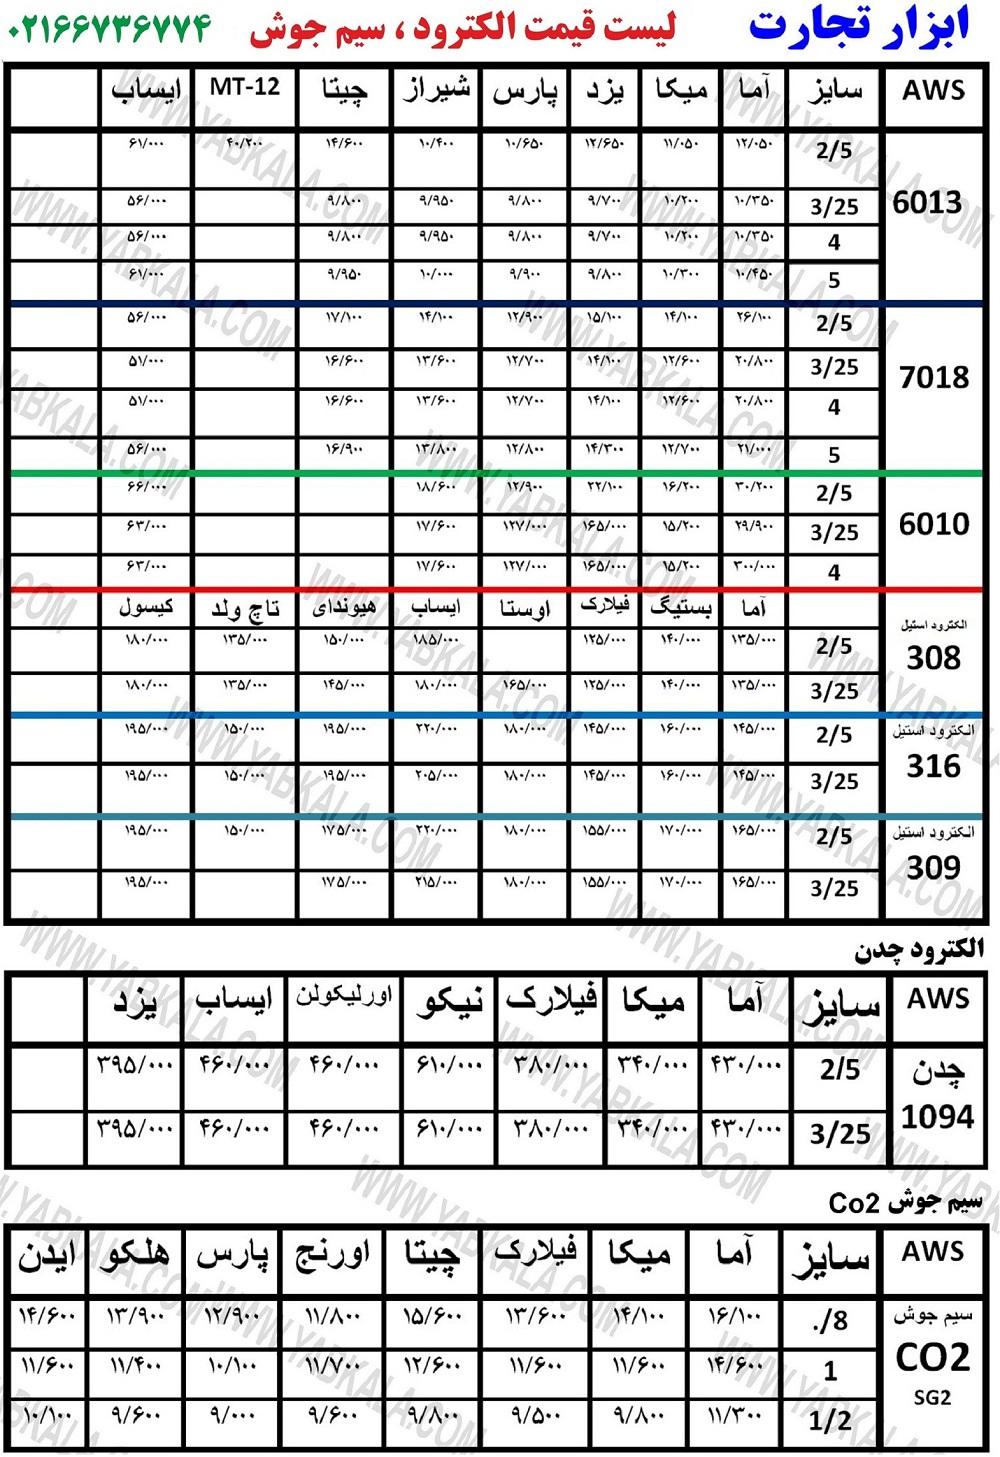 قیمت الکترود , لیست قیمت الکترود, قیمت سیم جوش ,